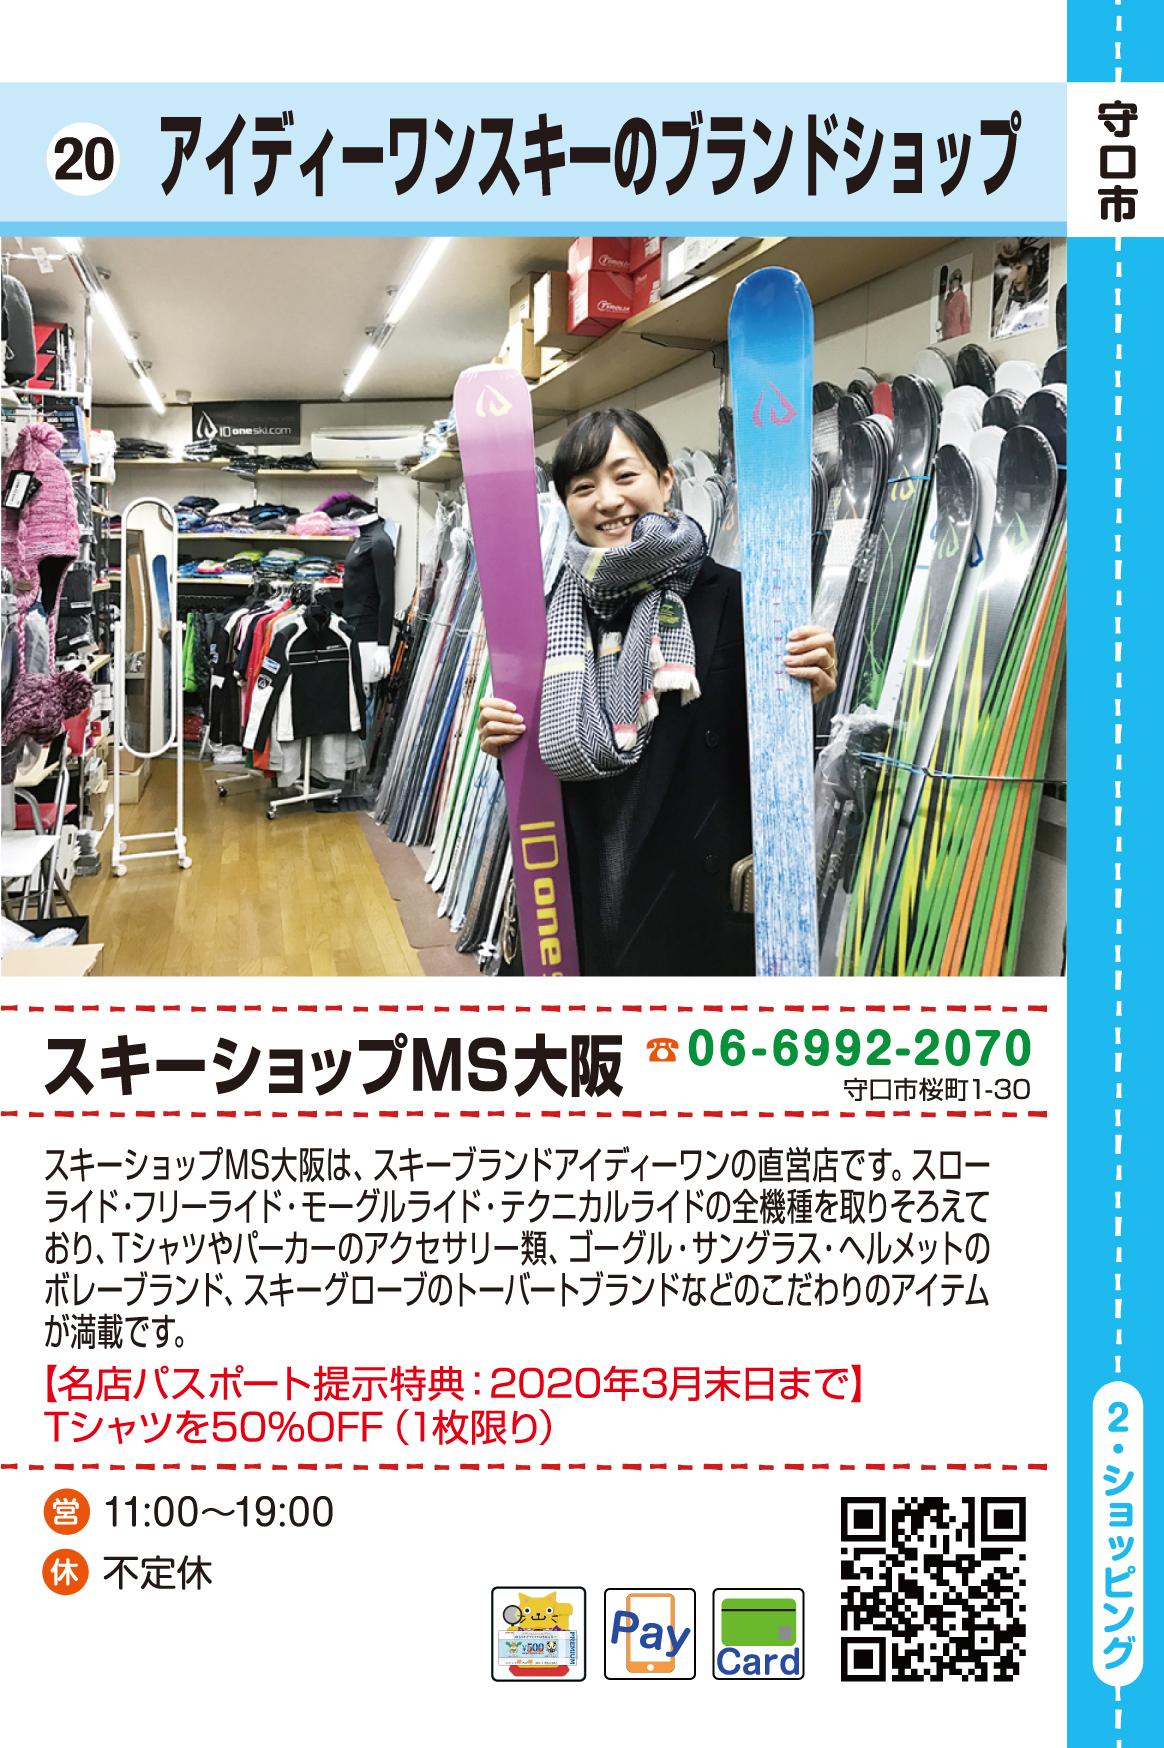 スキーショップMS大阪